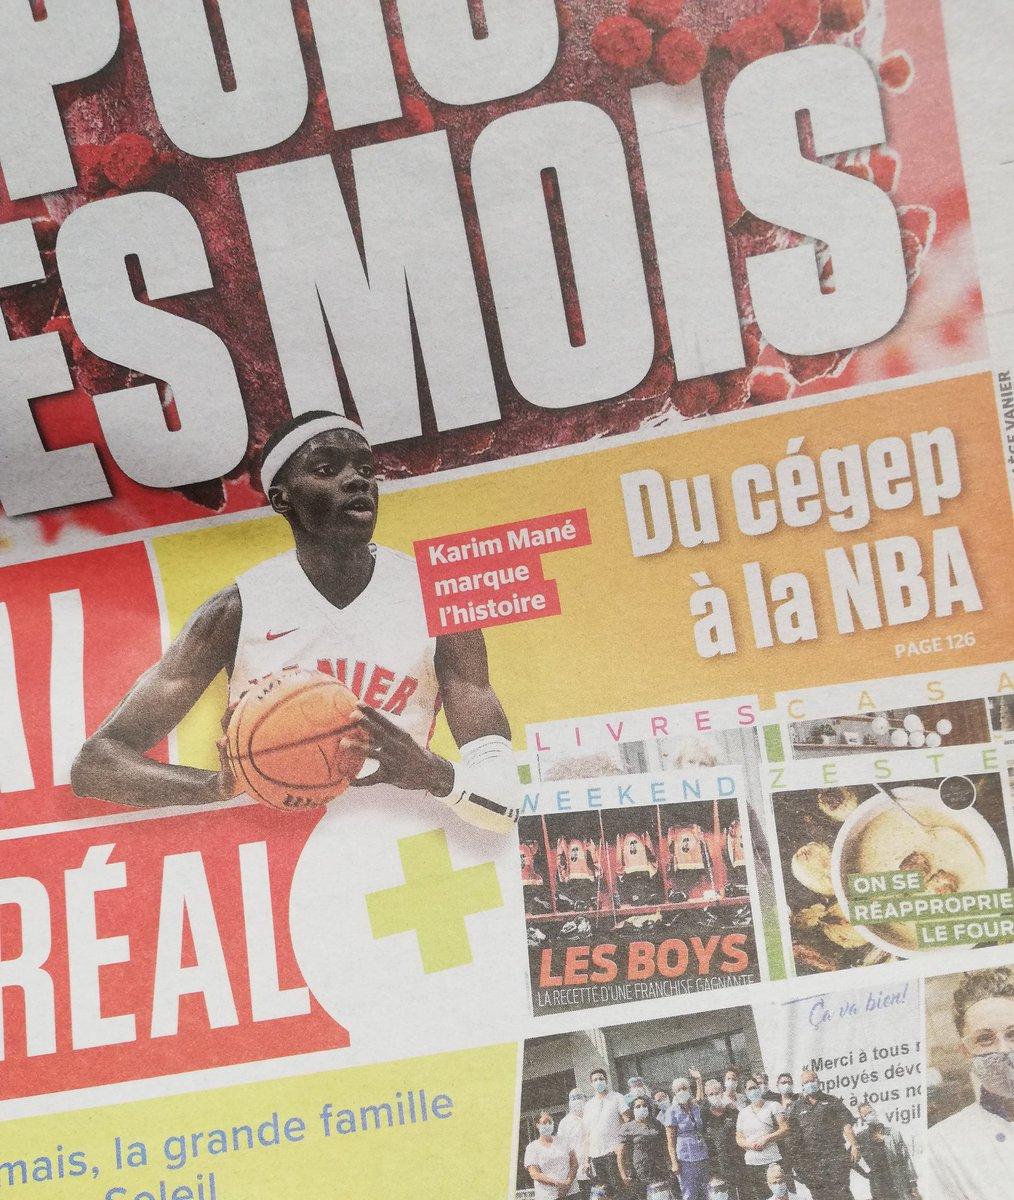 Ah tiens le jeune Karim Mané fait déjà la une des journaux ici💯✨ https://t.co/Phq3ybwEe7